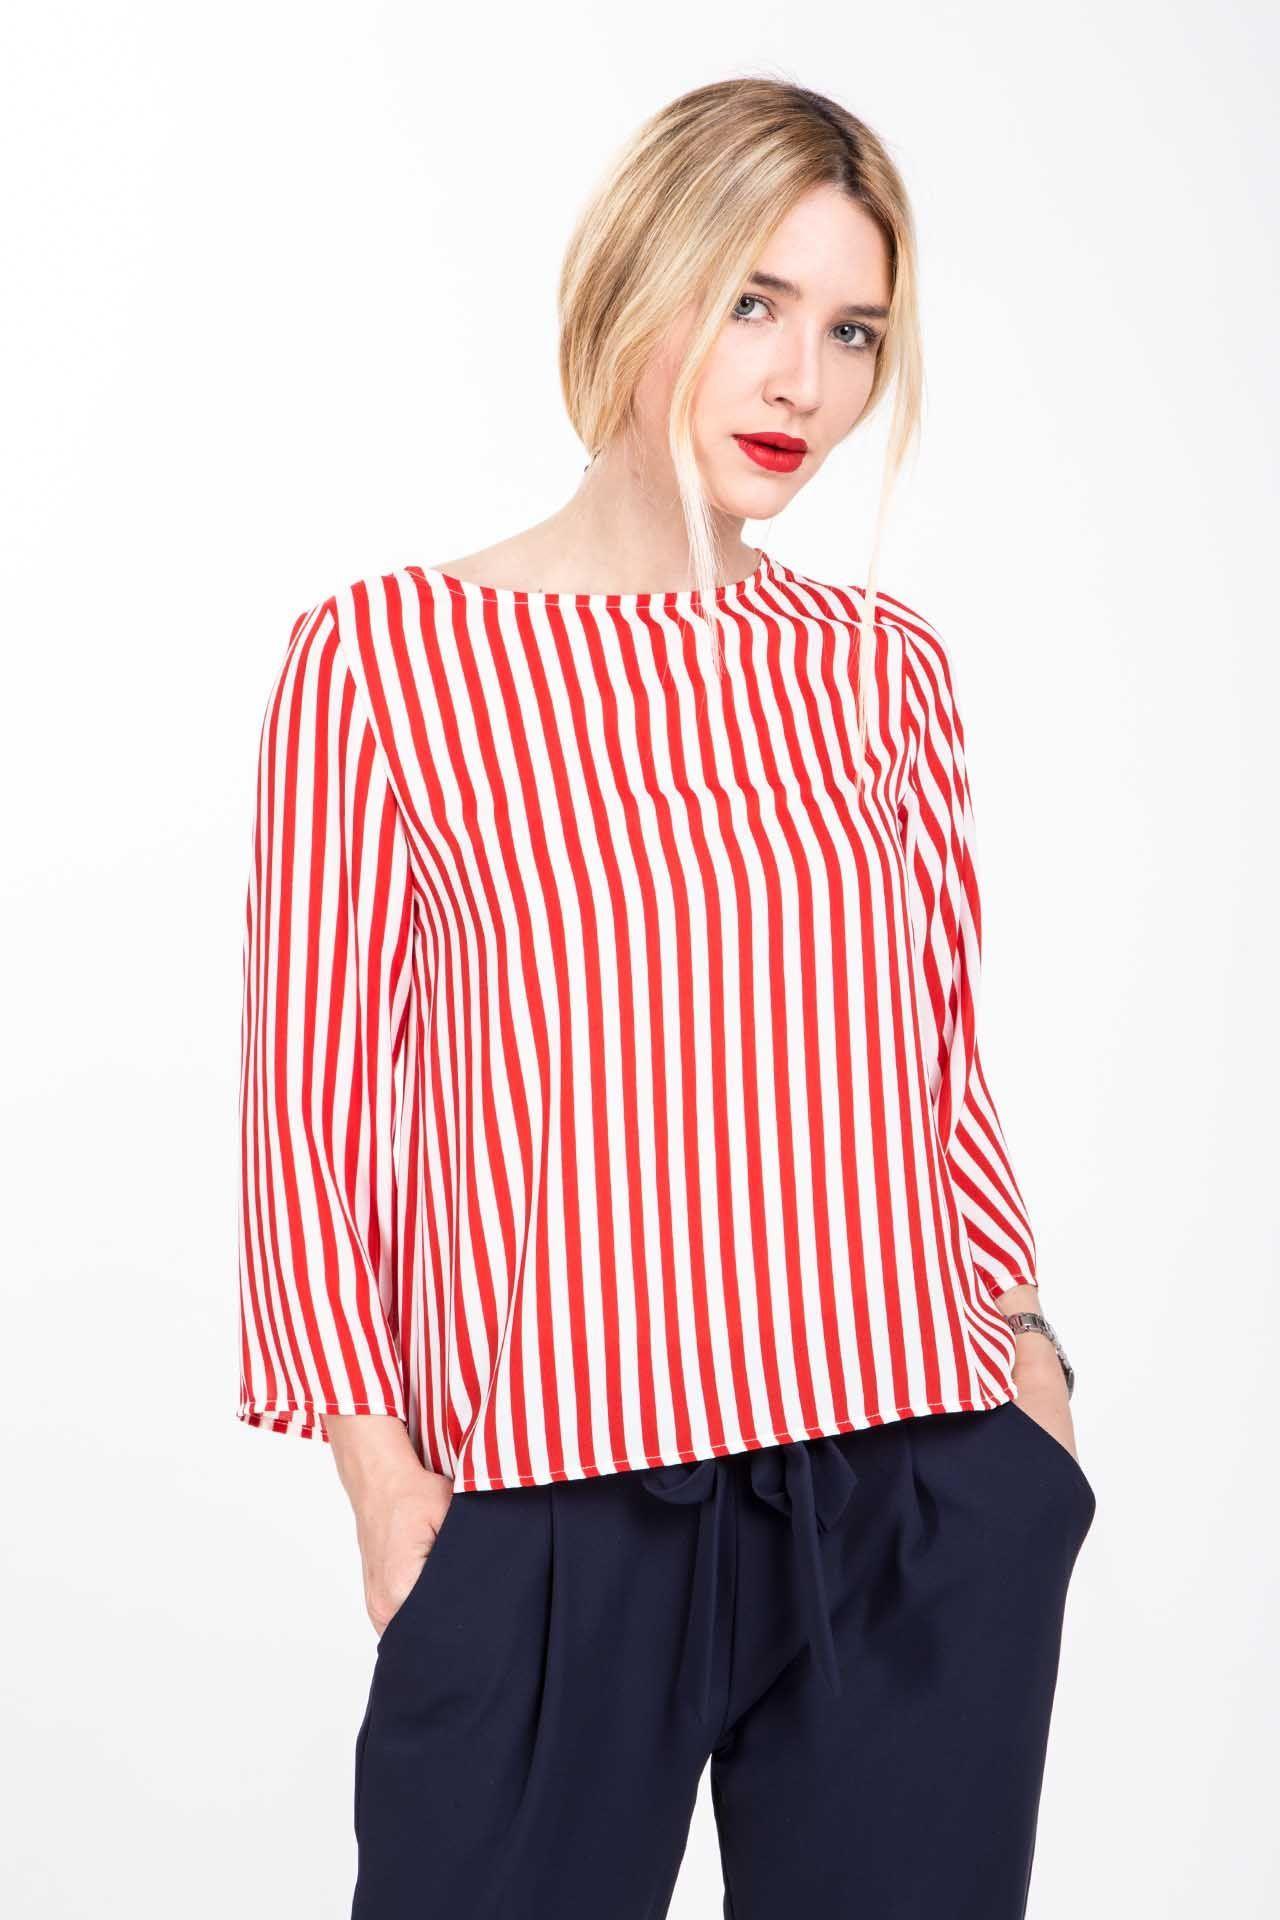 Camicia con scollo a barca - rigo rosso   camicie donna   Pinterest